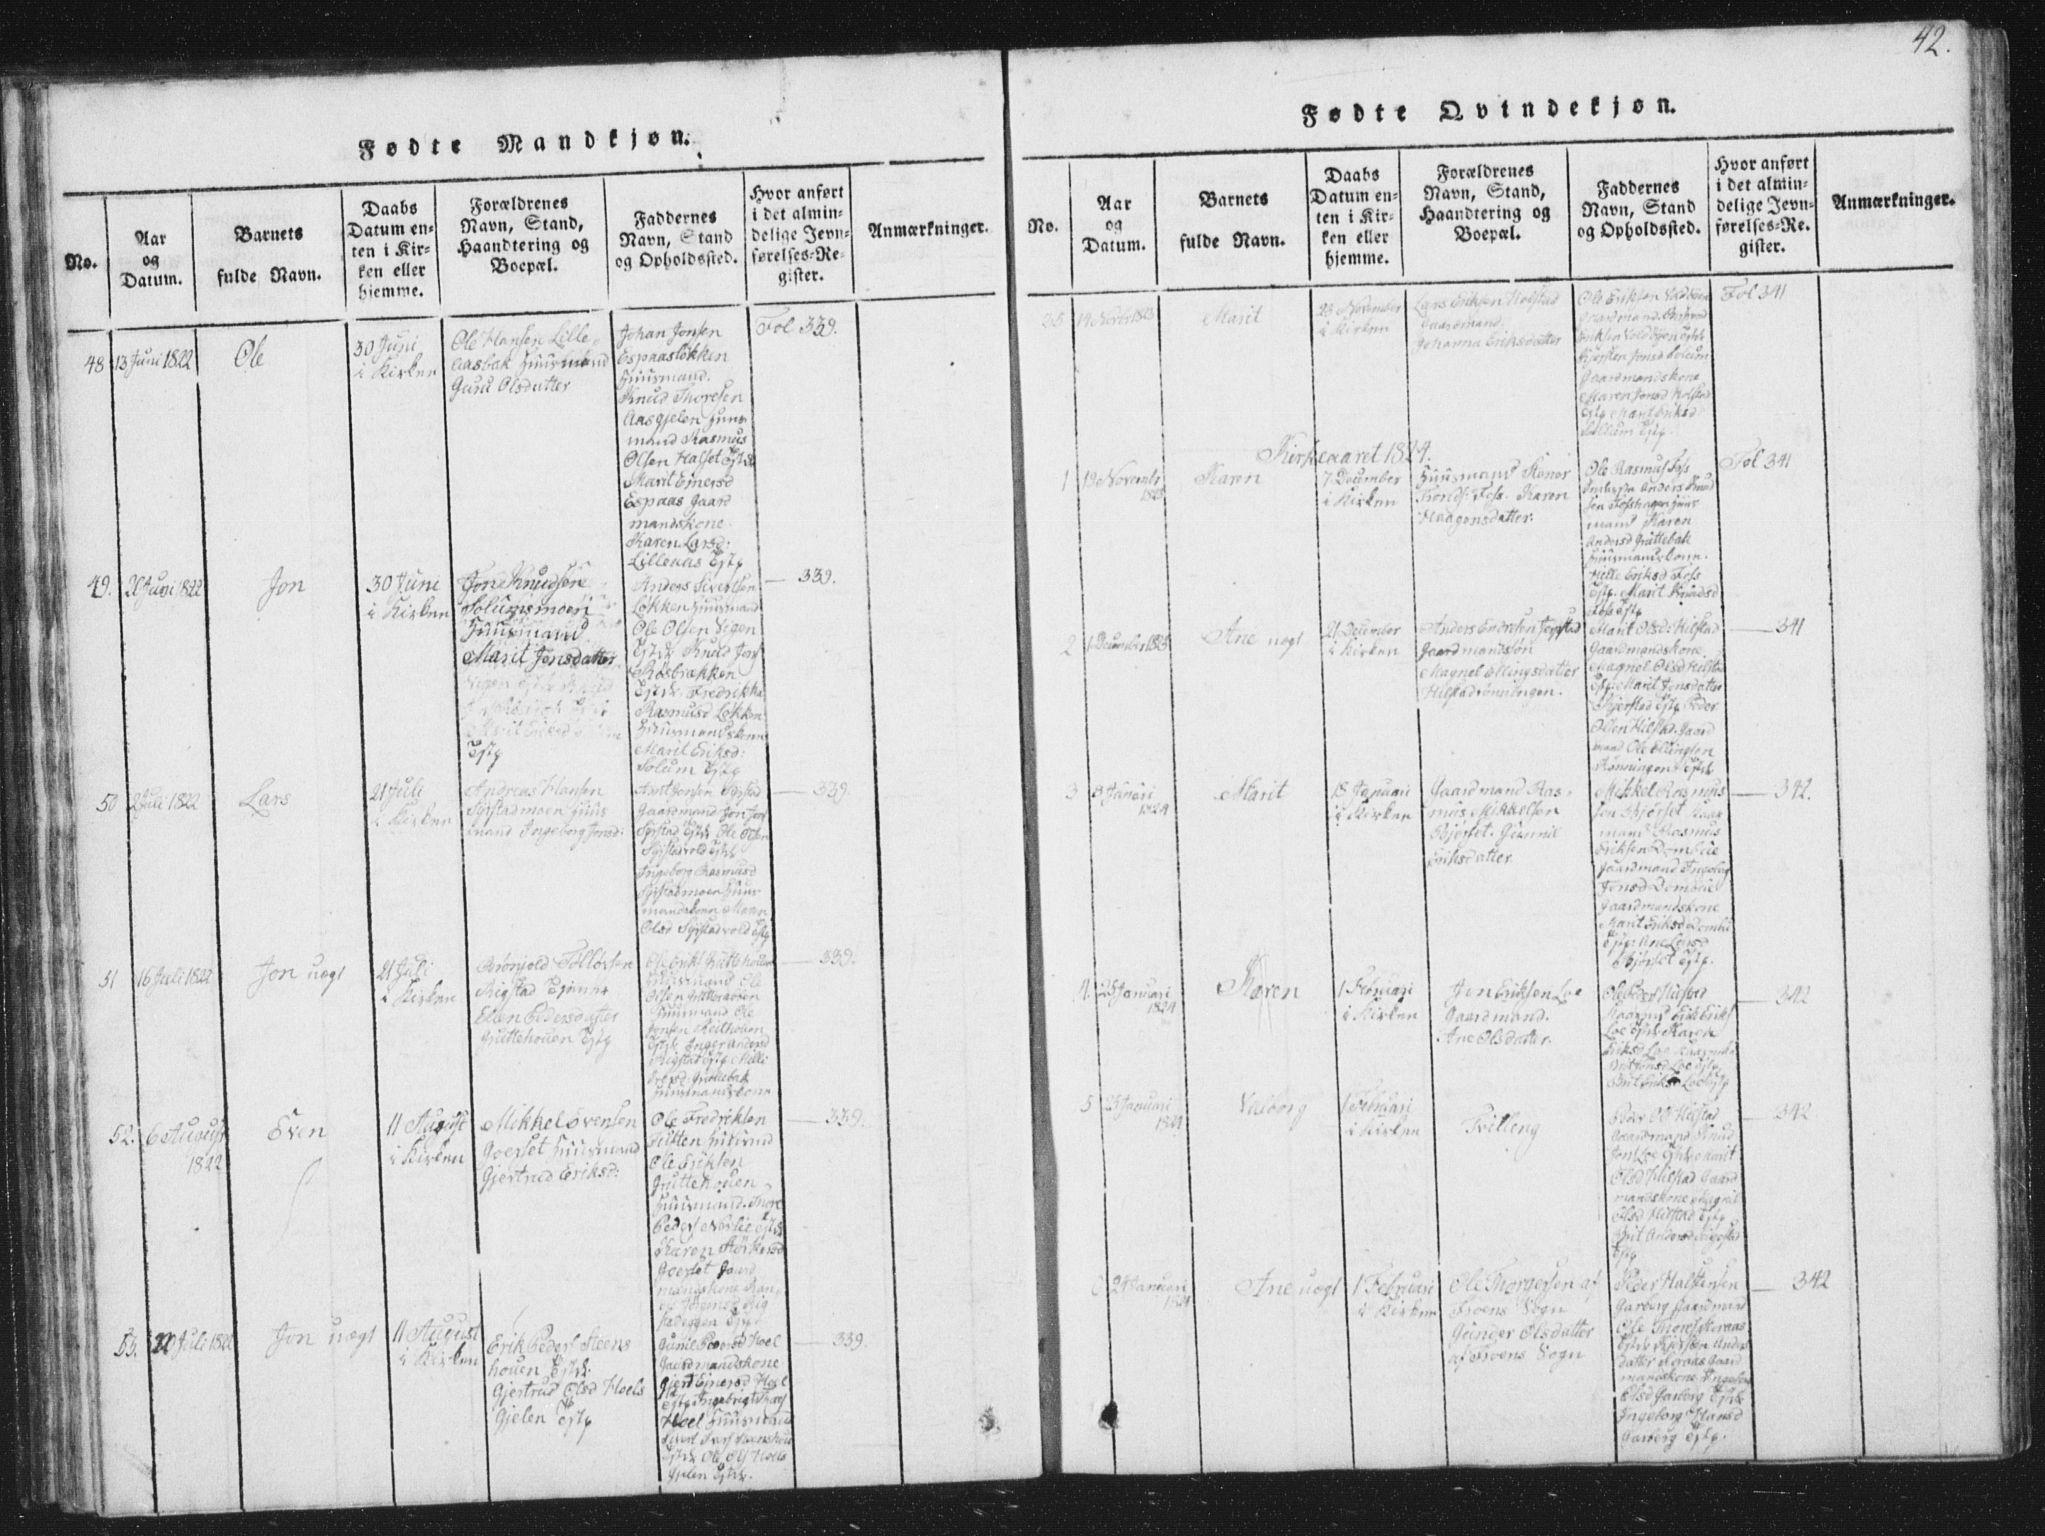 SAT, Ministerialprotokoller, klokkerbøker og fødselsregistre - Sør-Trøndelag, 672/L0862: Klokkerbok nr. 672C01, 1816-1831, s. 42